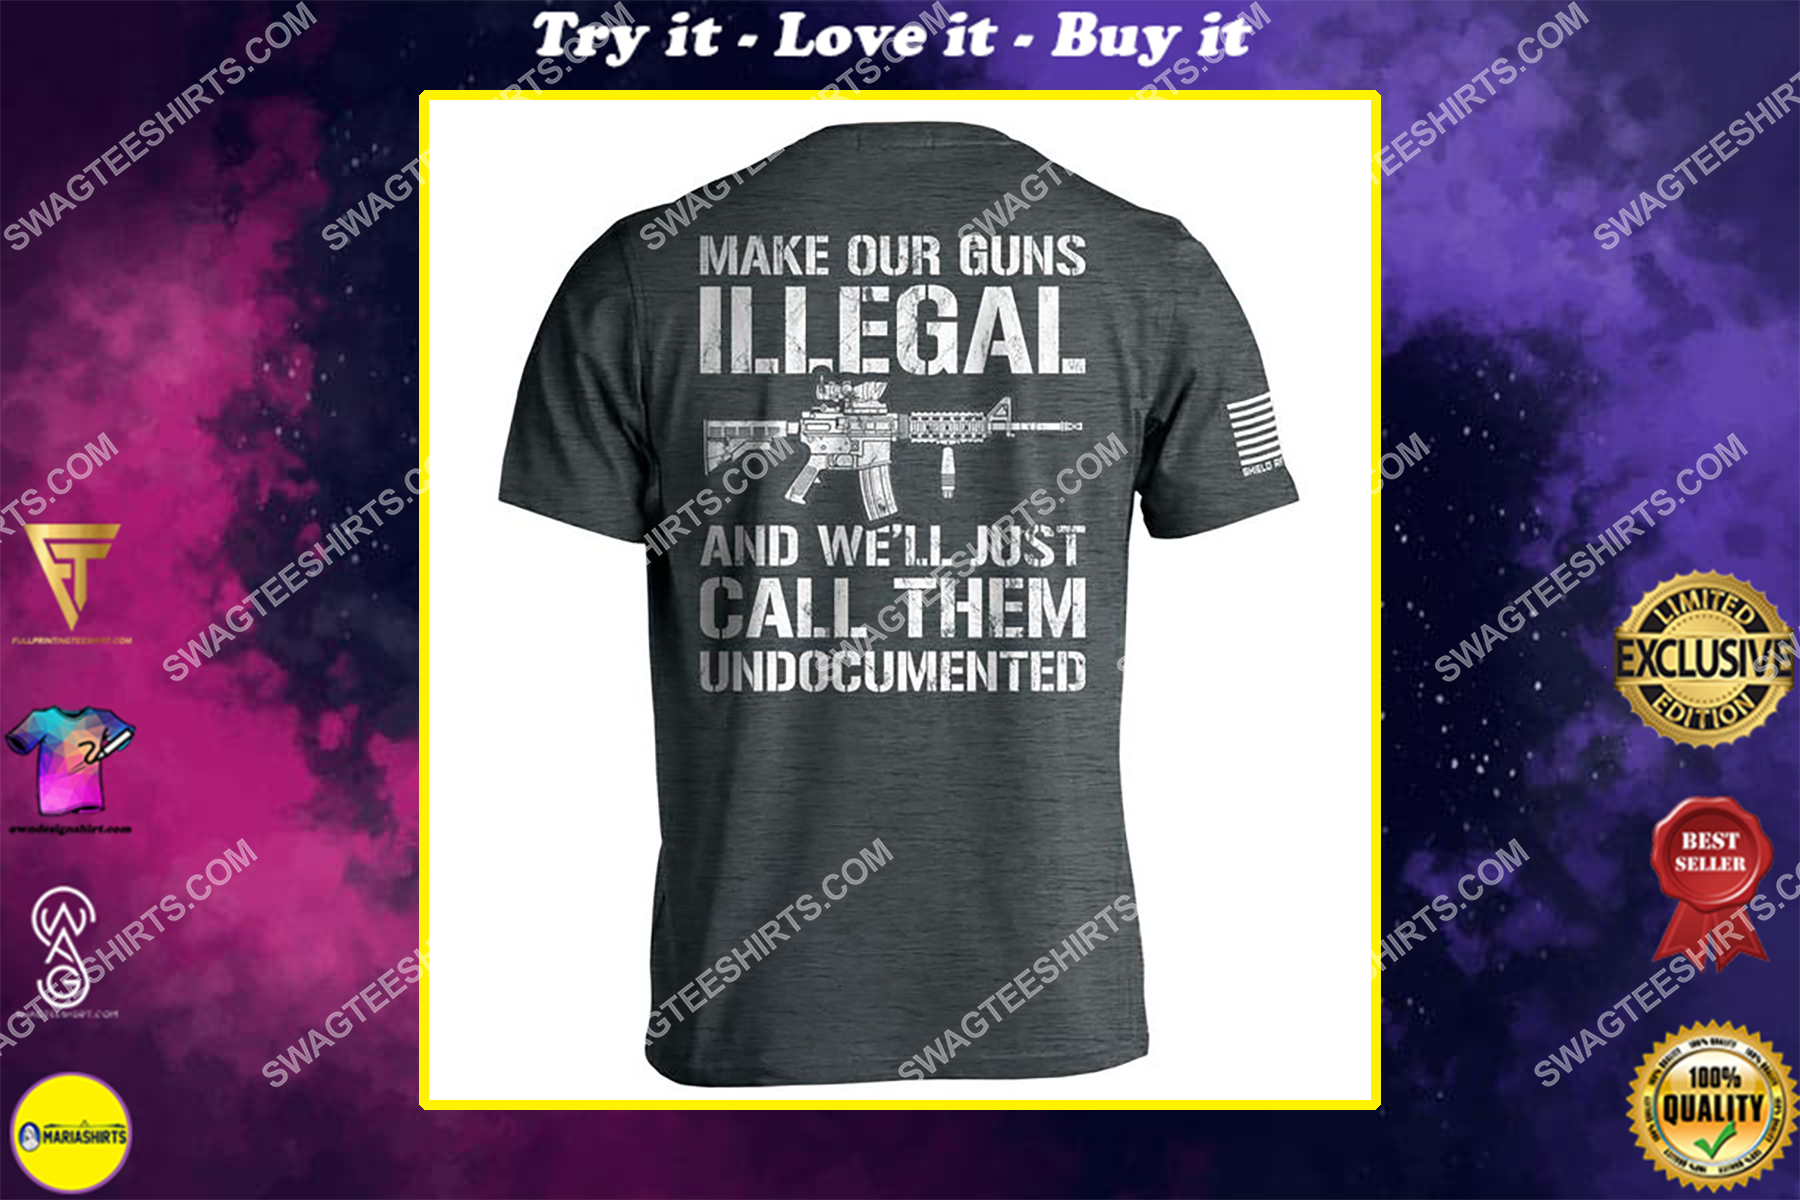 make our guns illegal and we'll call them undocumented gun control political shirt